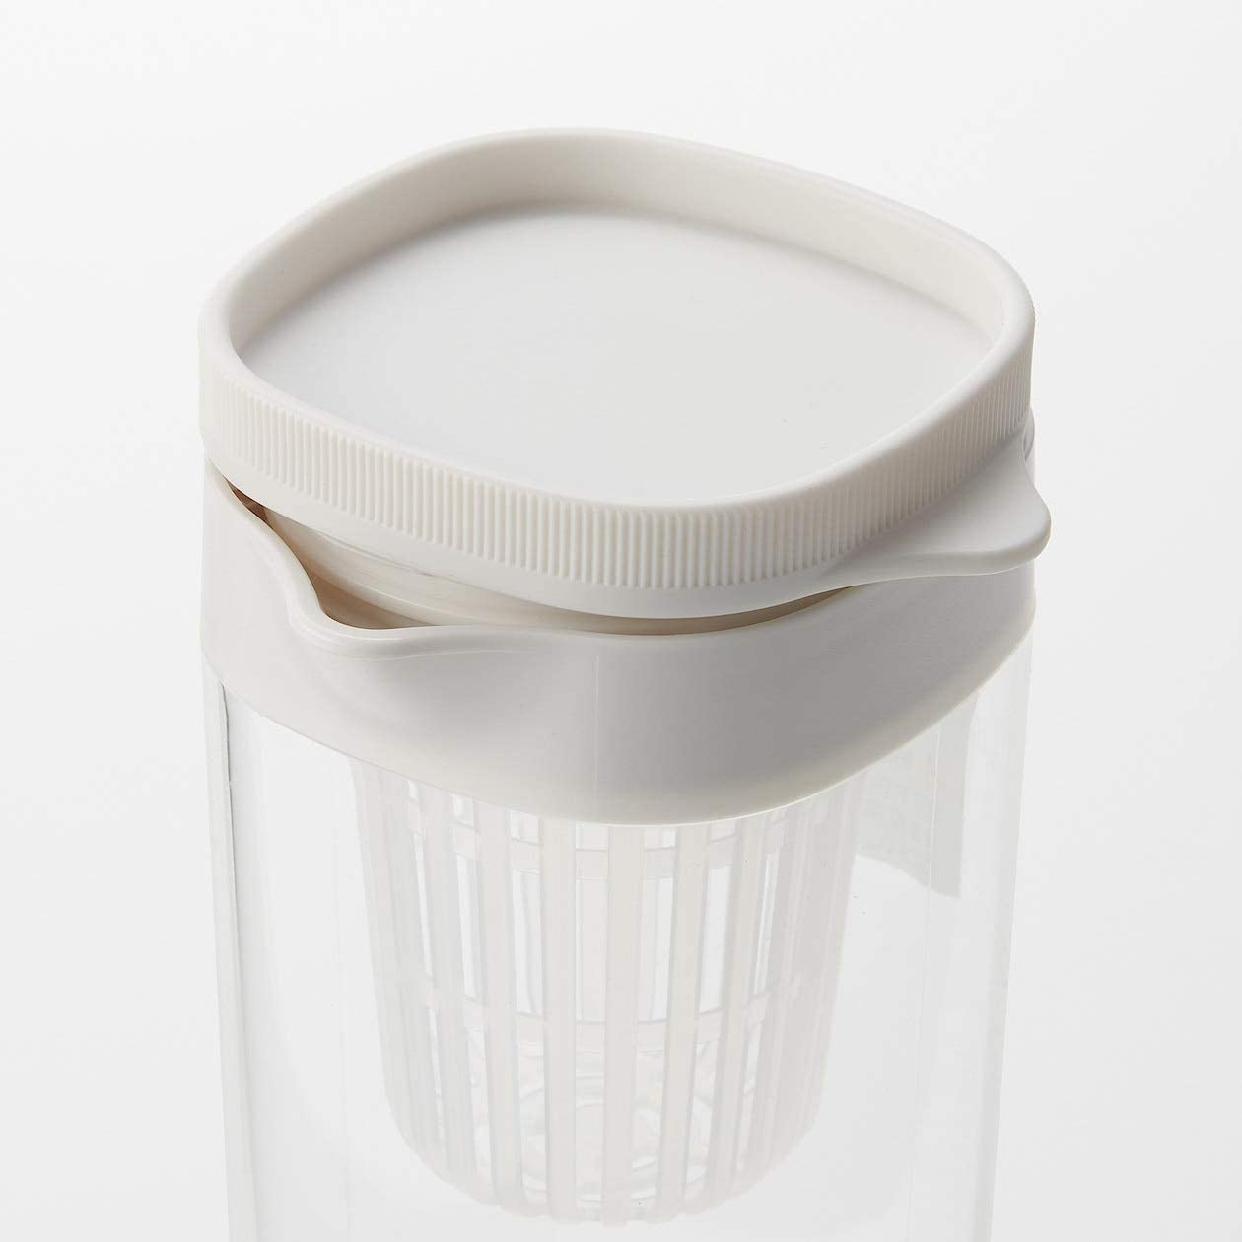 無印良品(MUJI) アクリル冷水筒 ドアポケットタイプ/冷水専用約1Lの商品画像4